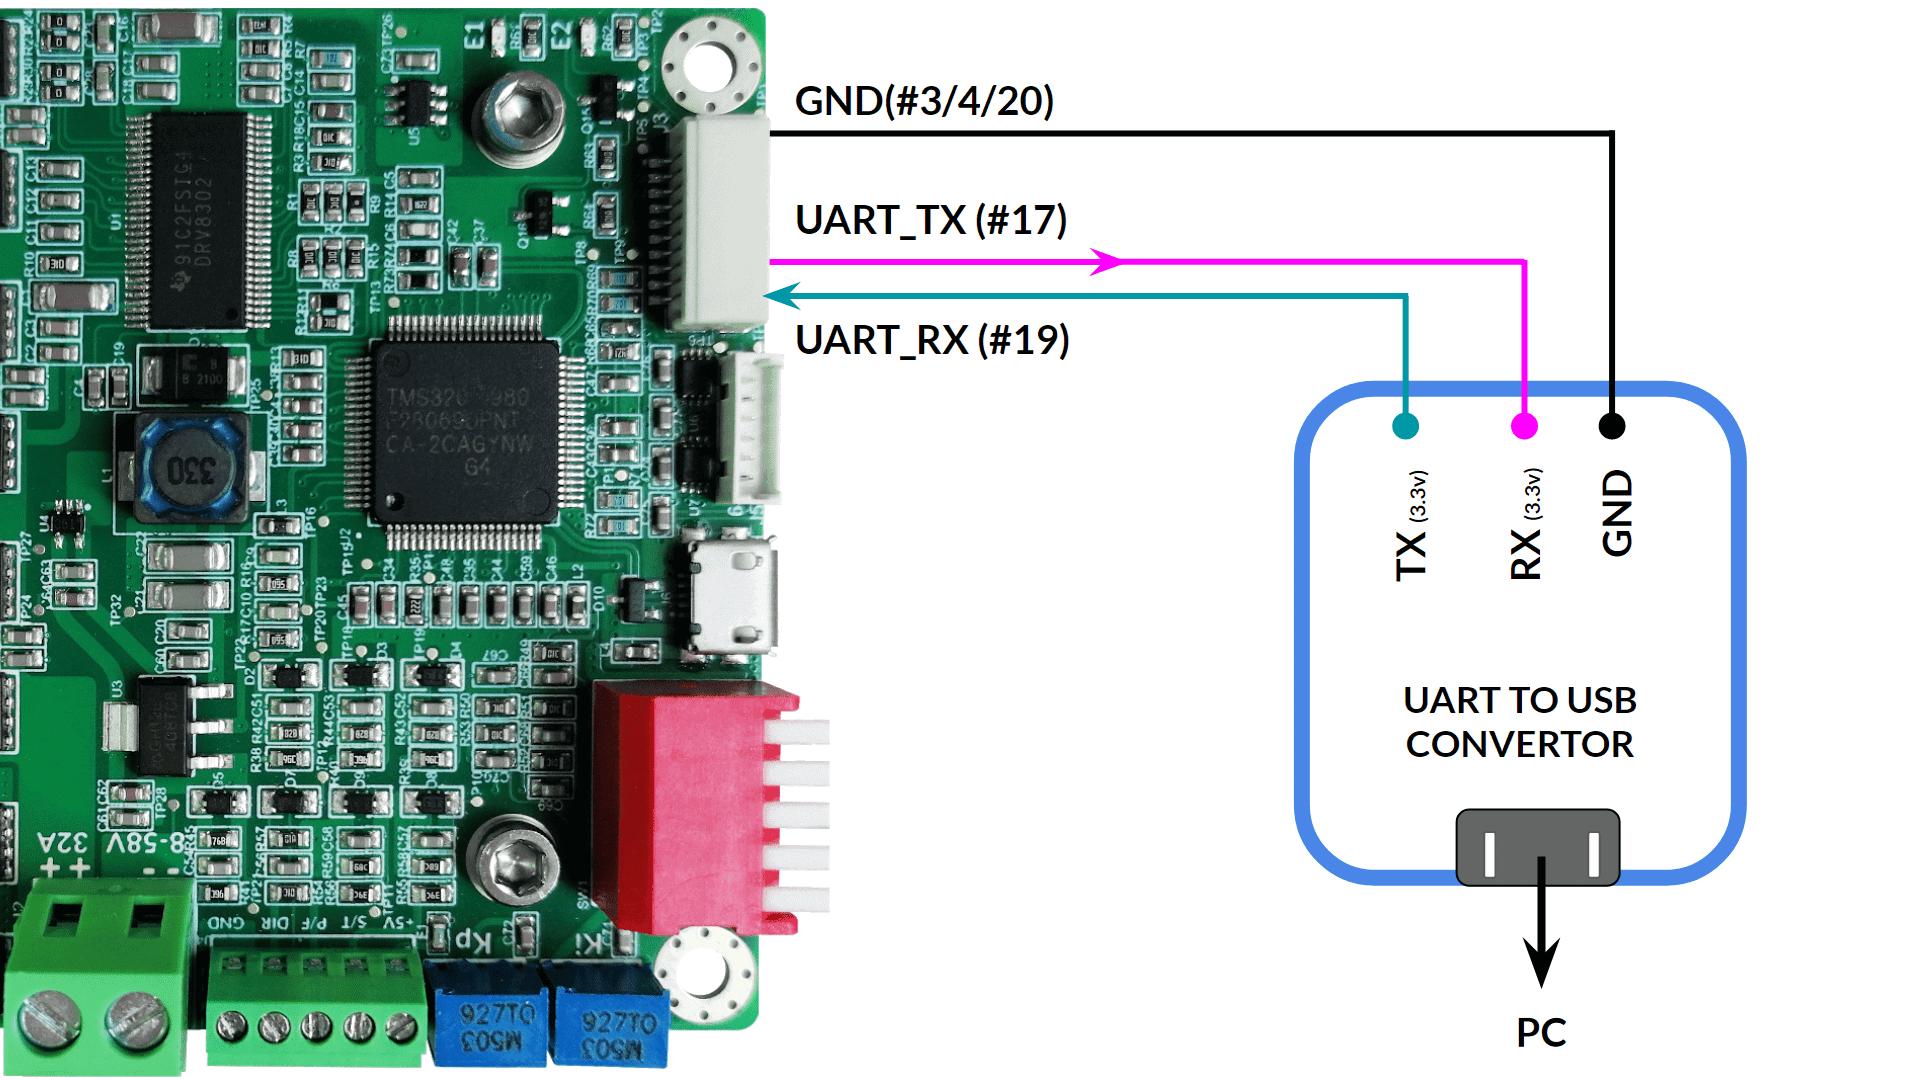 UART 7